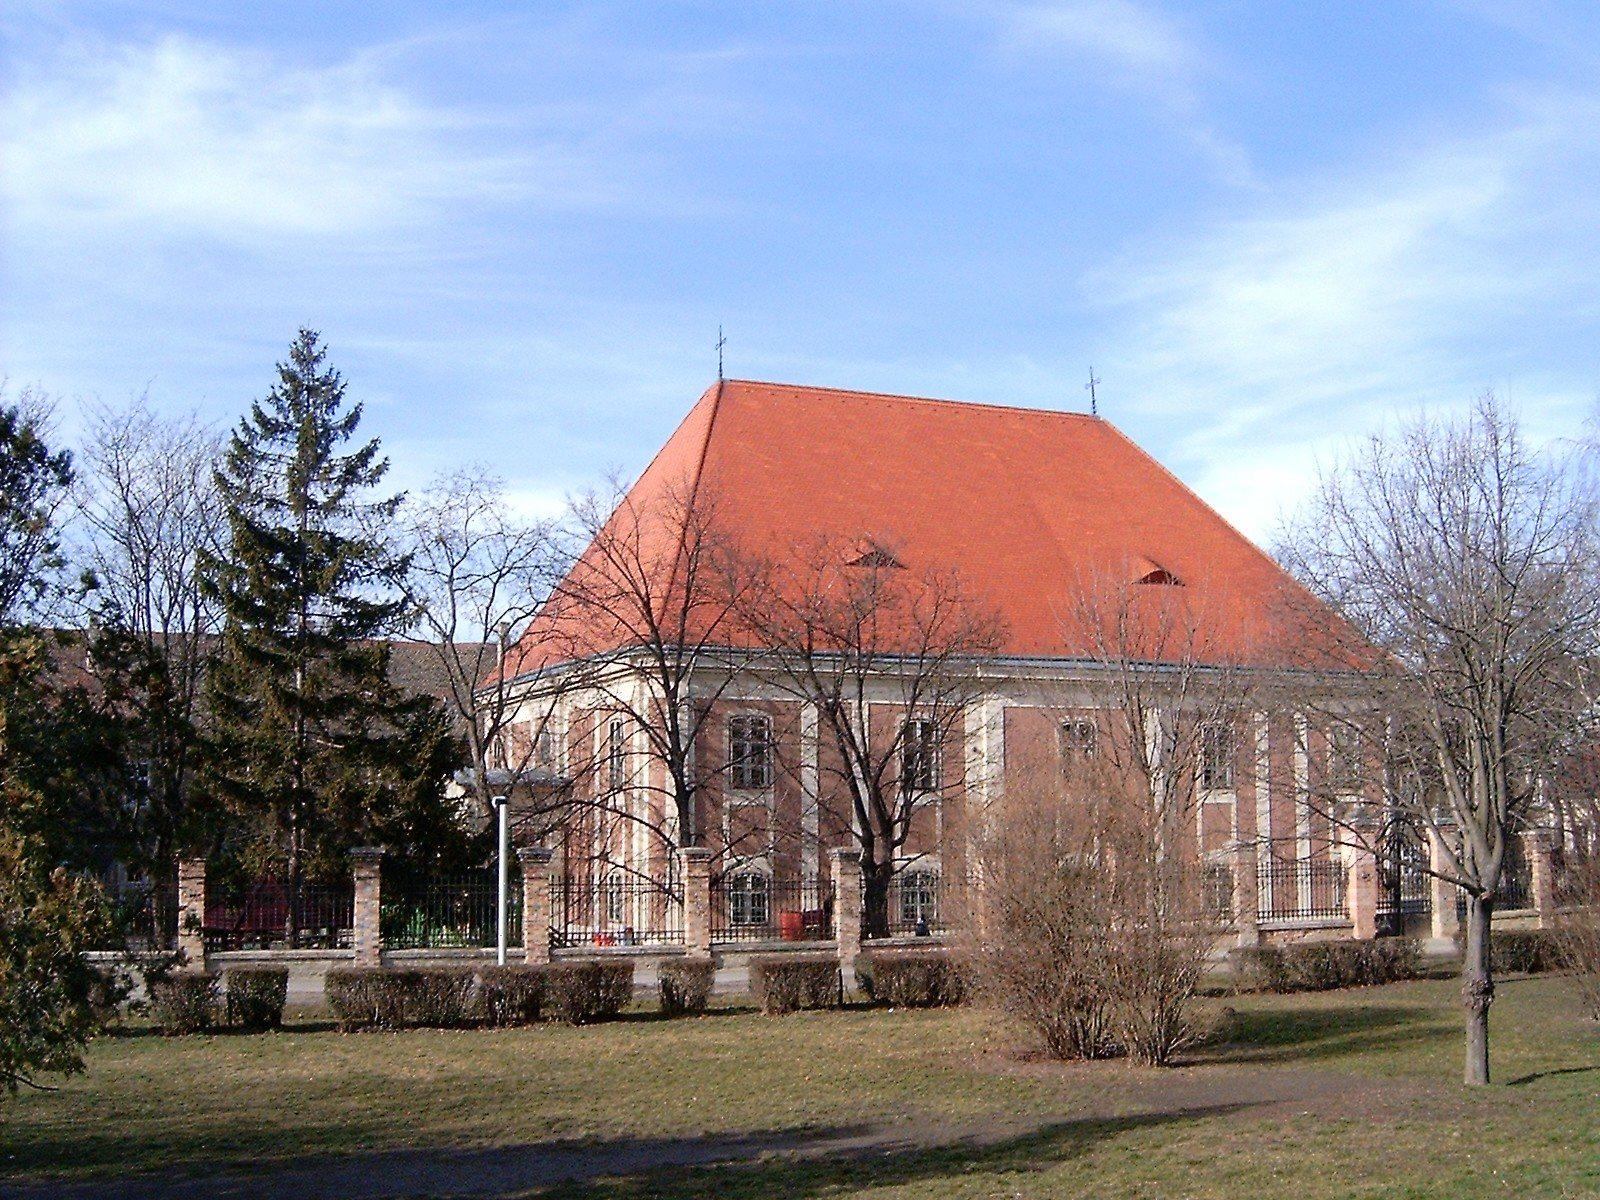 <a href='http://hellogyor.hu/en/sights/old-lutheran-church/'>Old Lutheran Church</a>